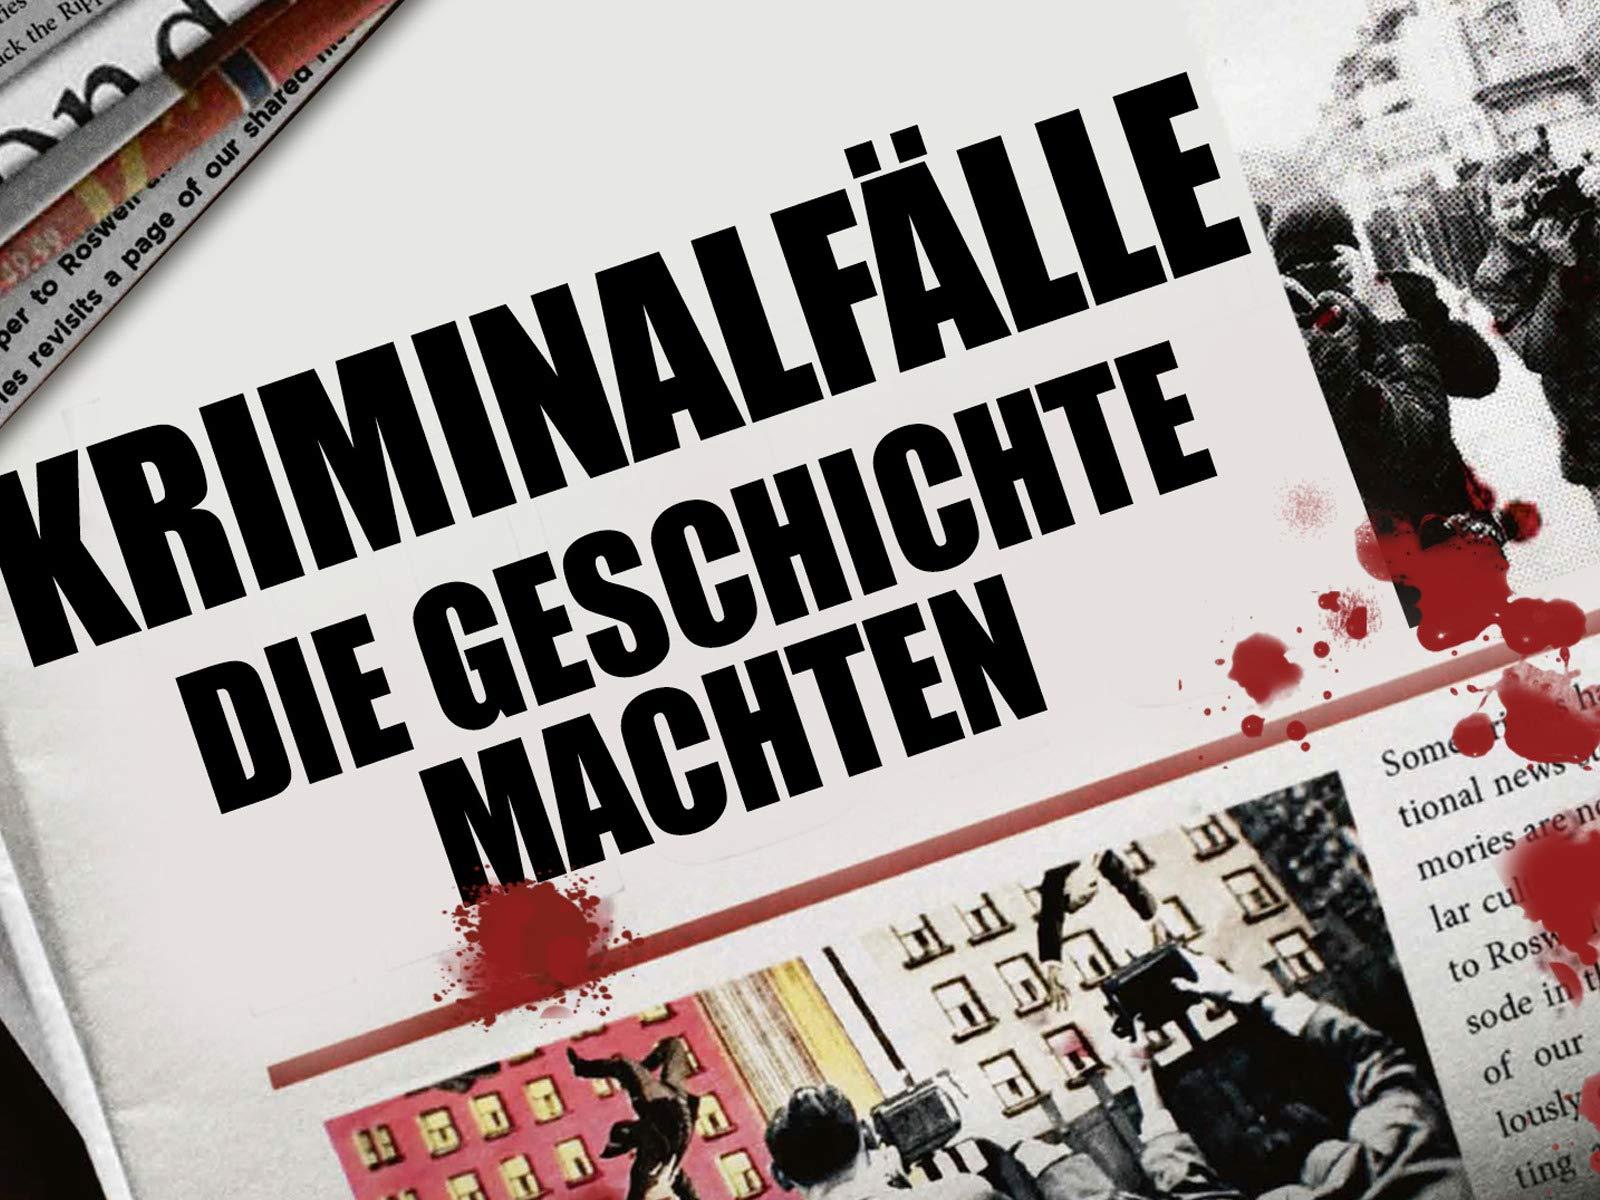 : Kriminalfälle, die Geschichte machten ansehen